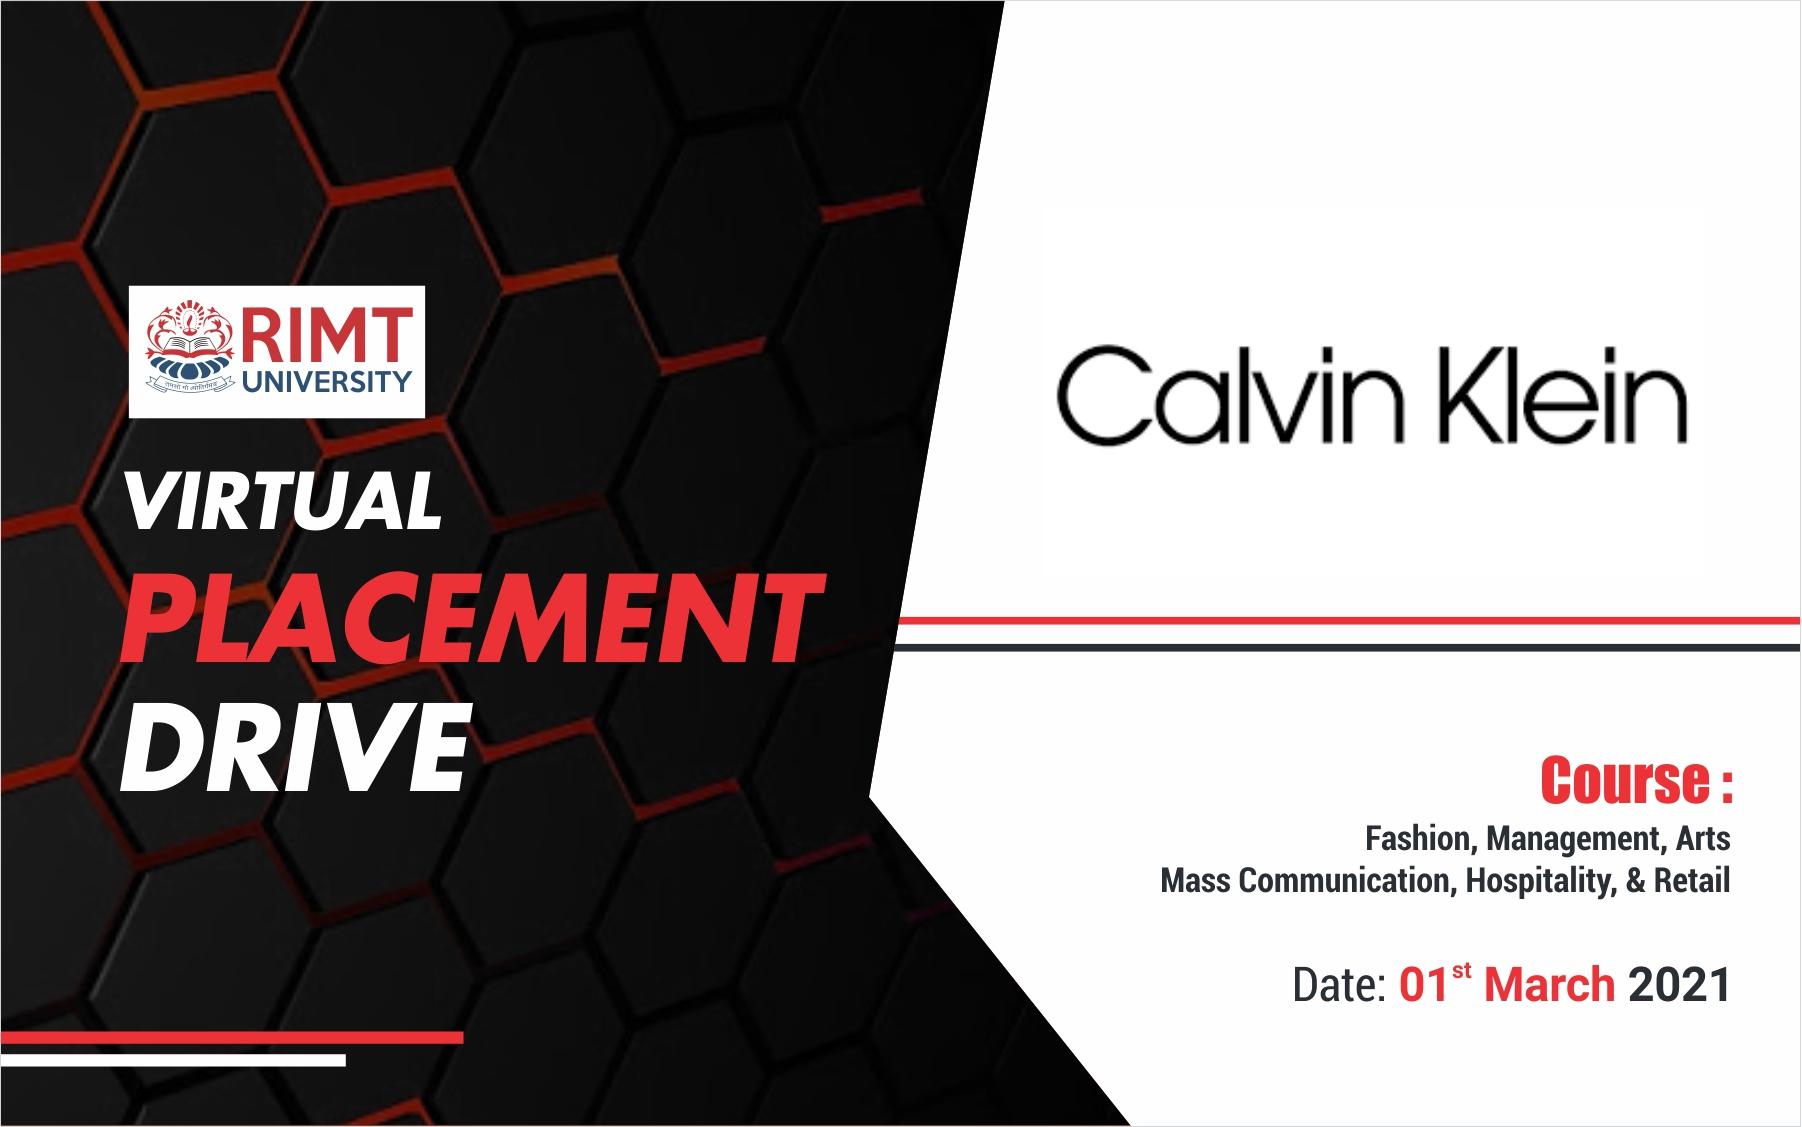 CK Placement Drive at RIMT University